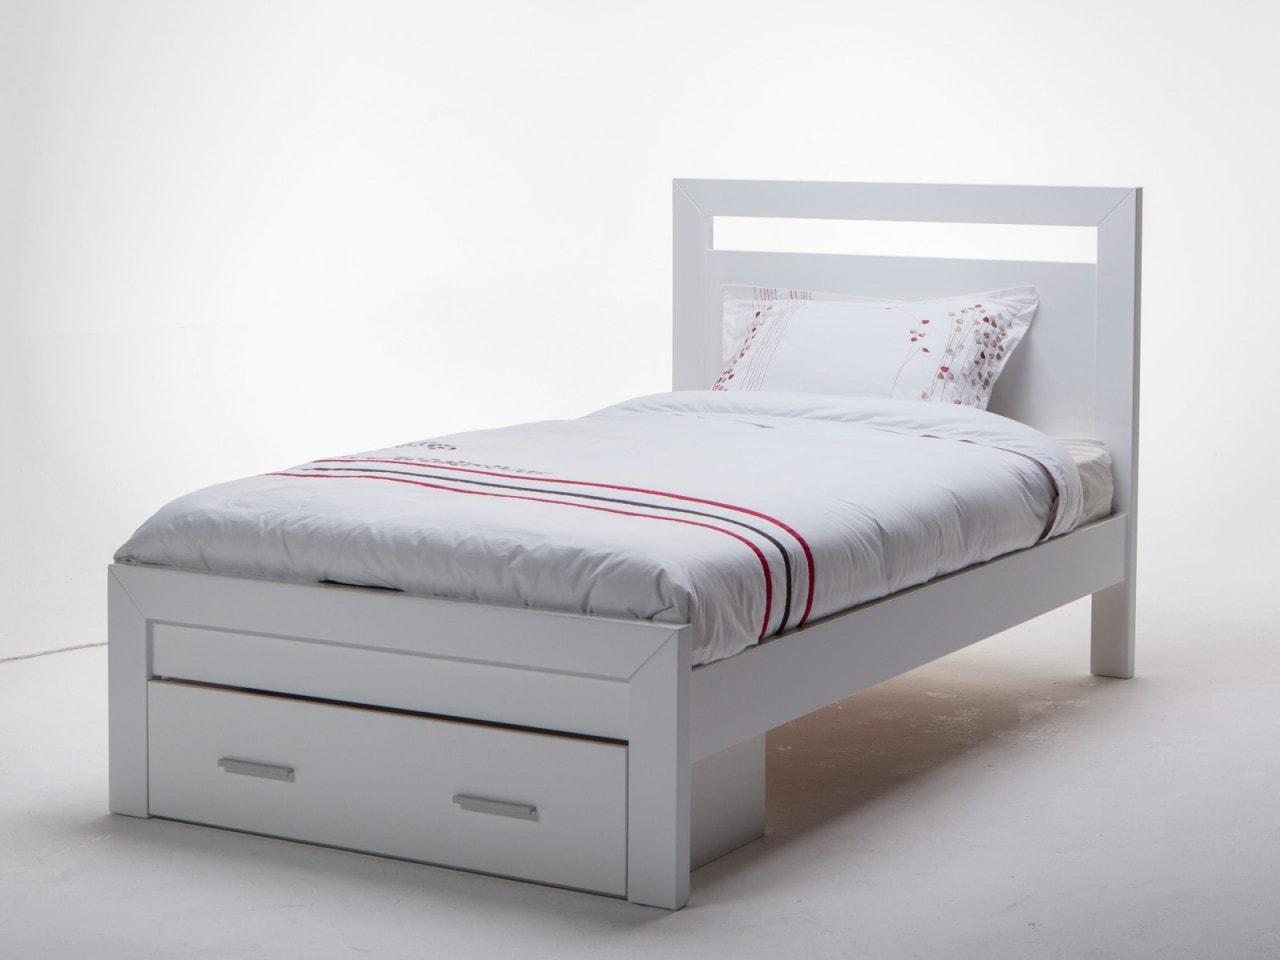 giường gỗ 1m, giường ngủ 1m gỗ công nghiệp